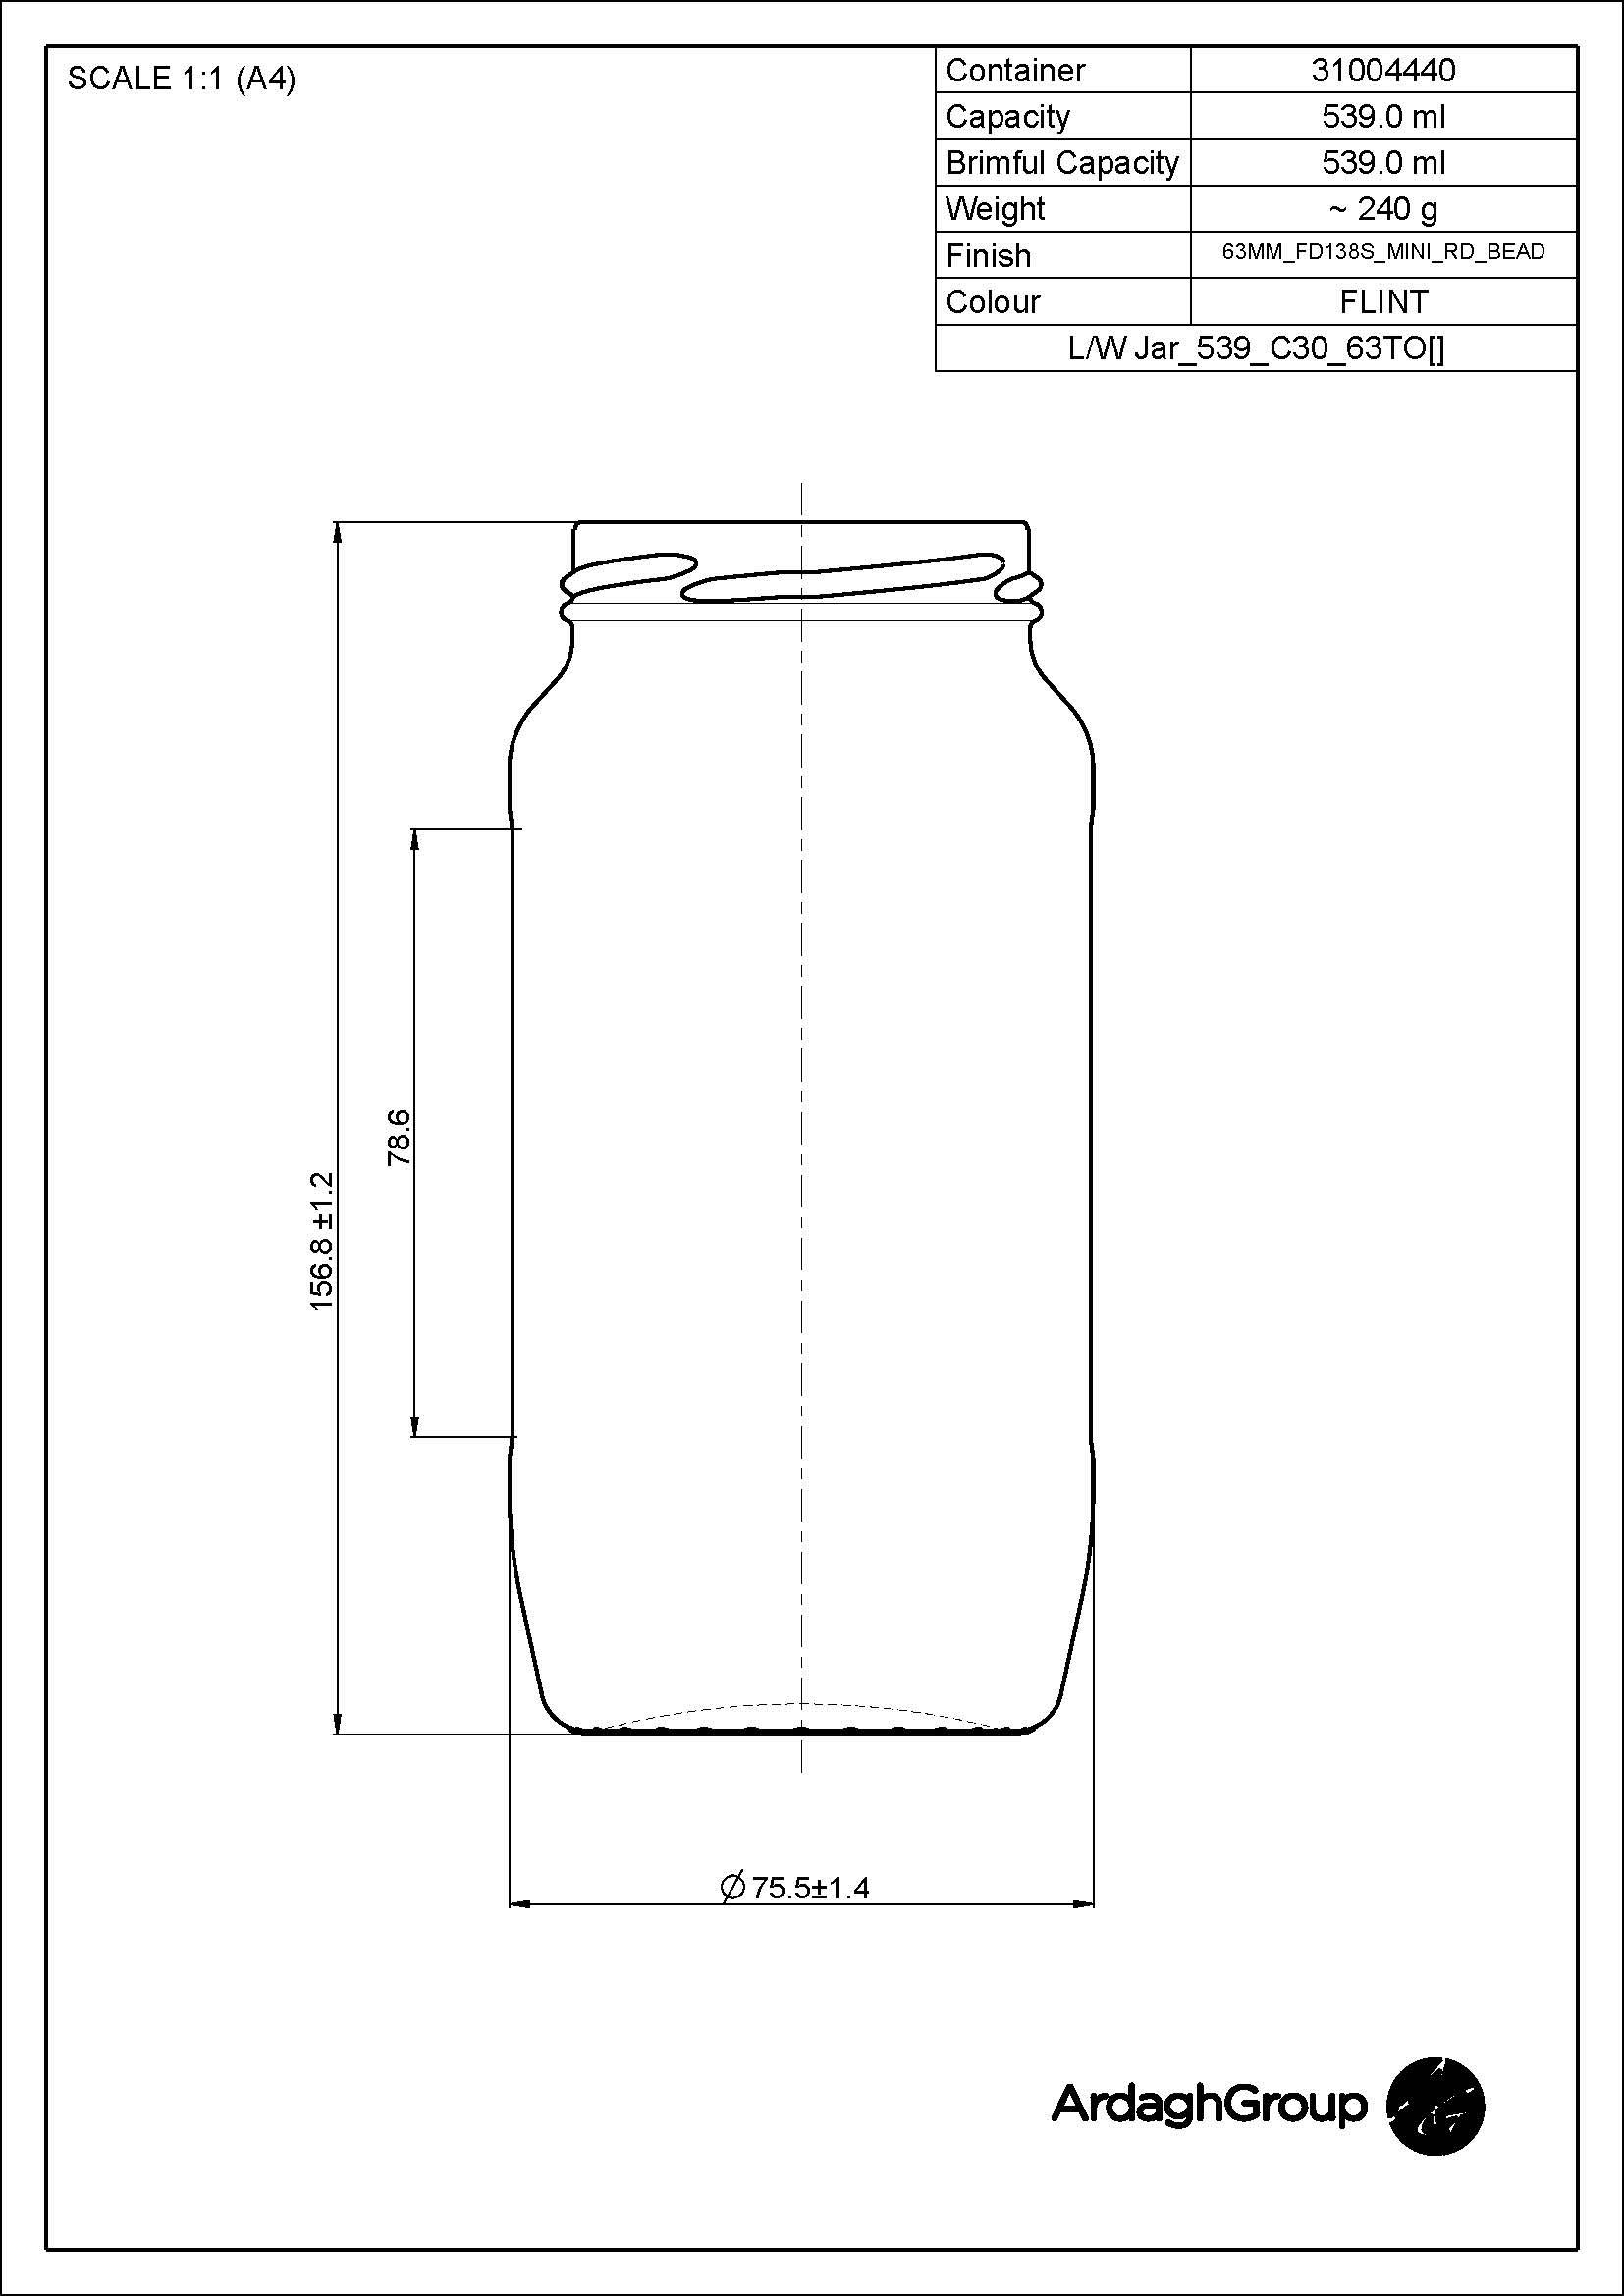 539ml Flint Glass Food Jar 31004440